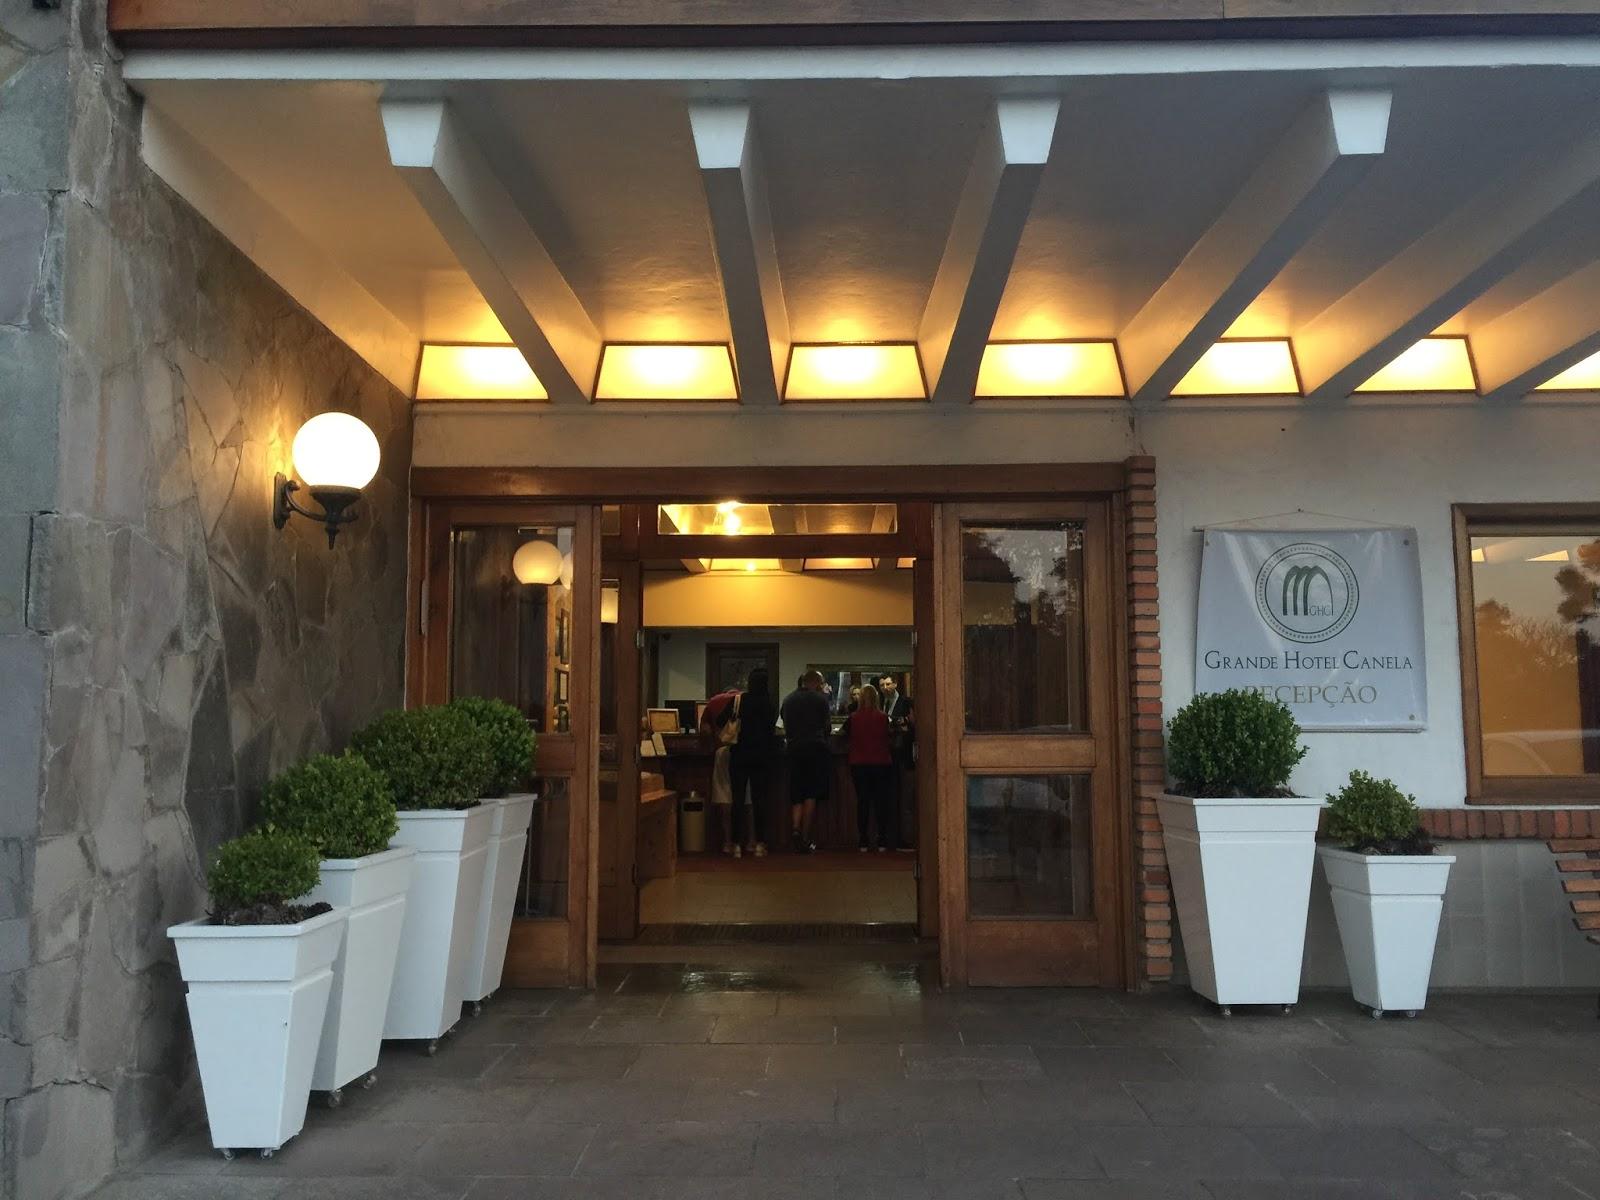 Grande Hotel Canela viagem simplesmente